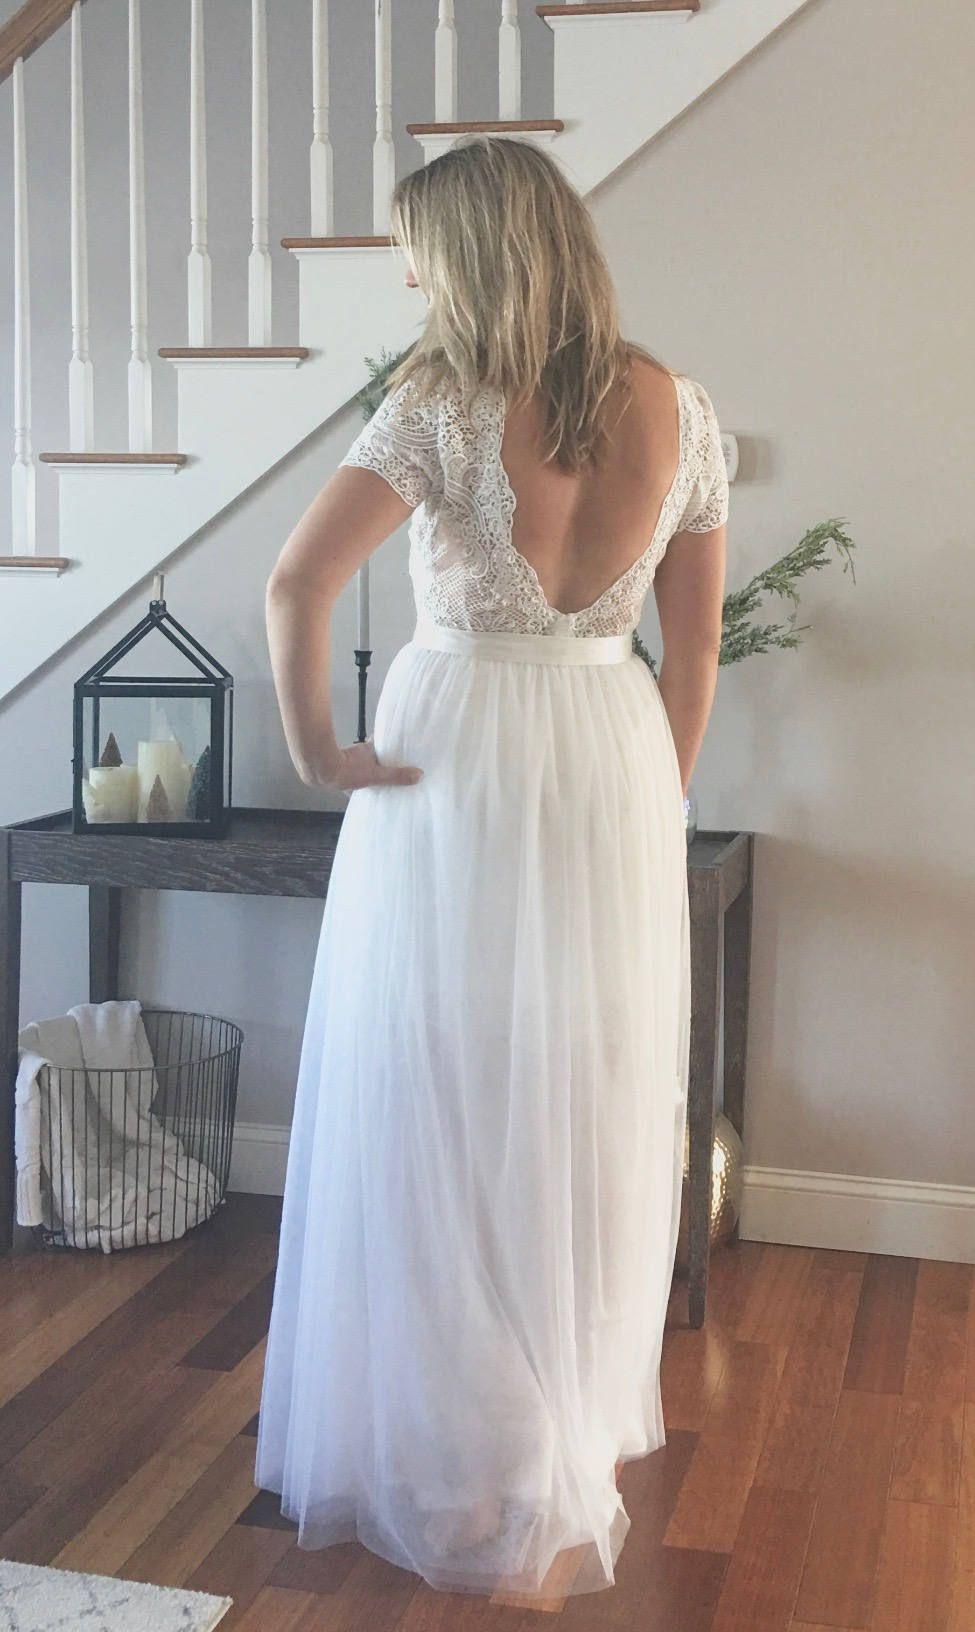 Tulle Skirt, Detachable Wedding Soft Tulle Skirt, Tulle Maxi Skirt ...